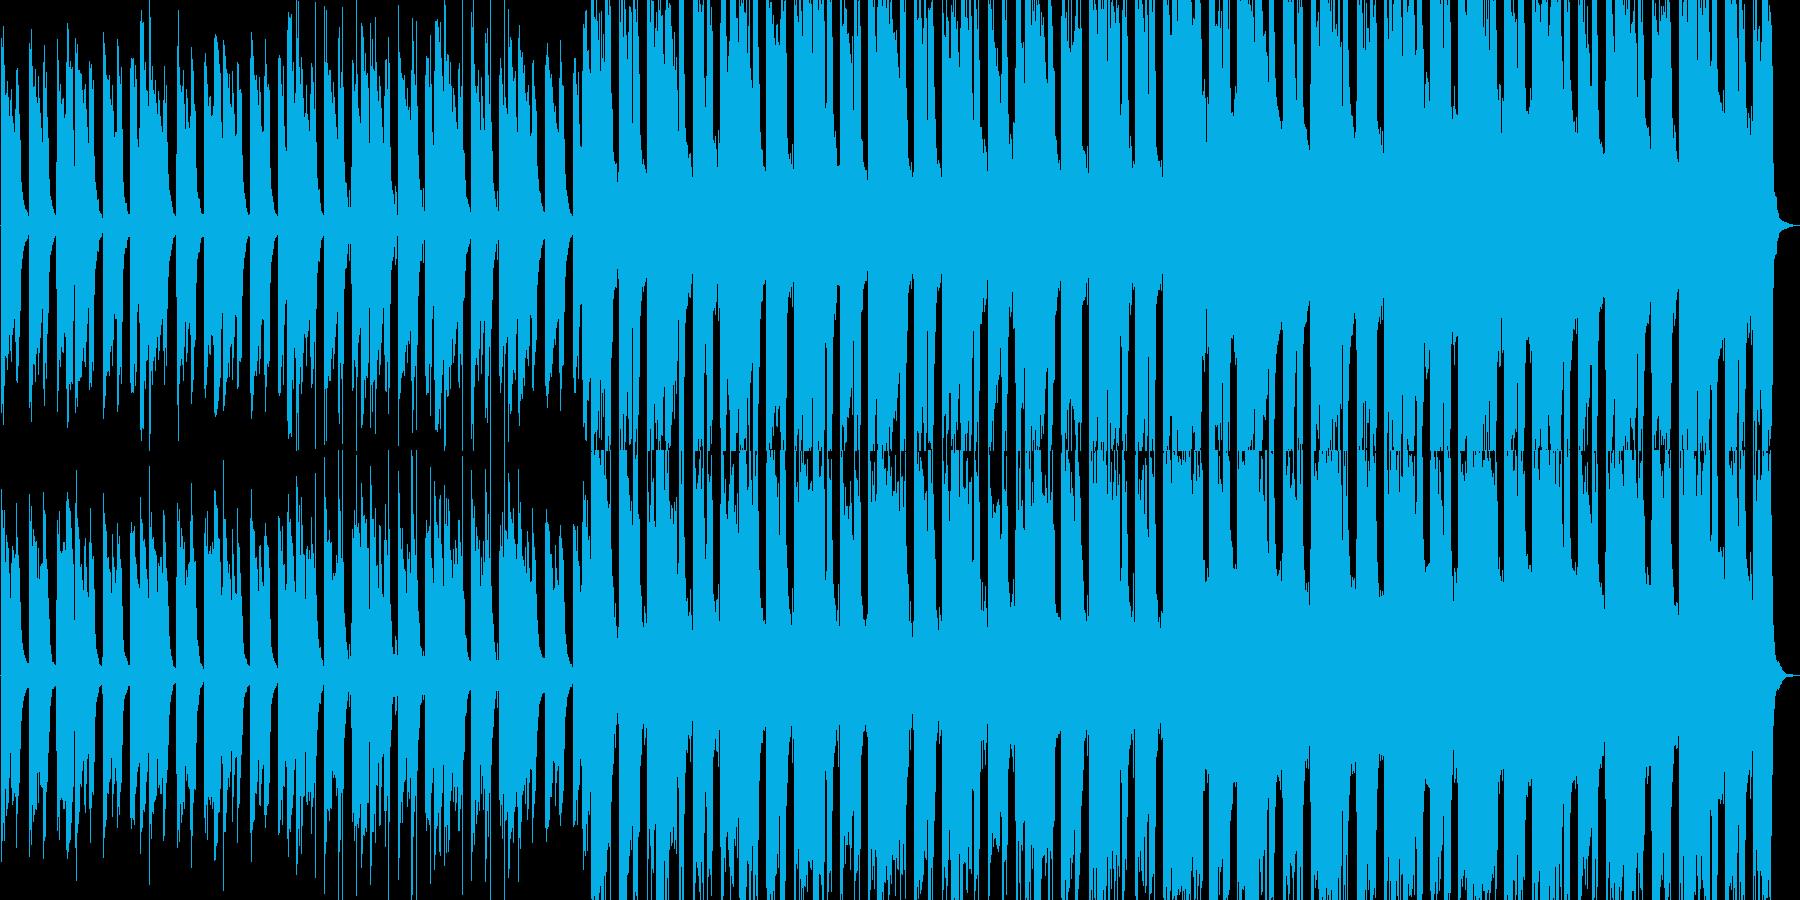 静かで力強いピアノが中心のバンドサウンドの再生済みの波形